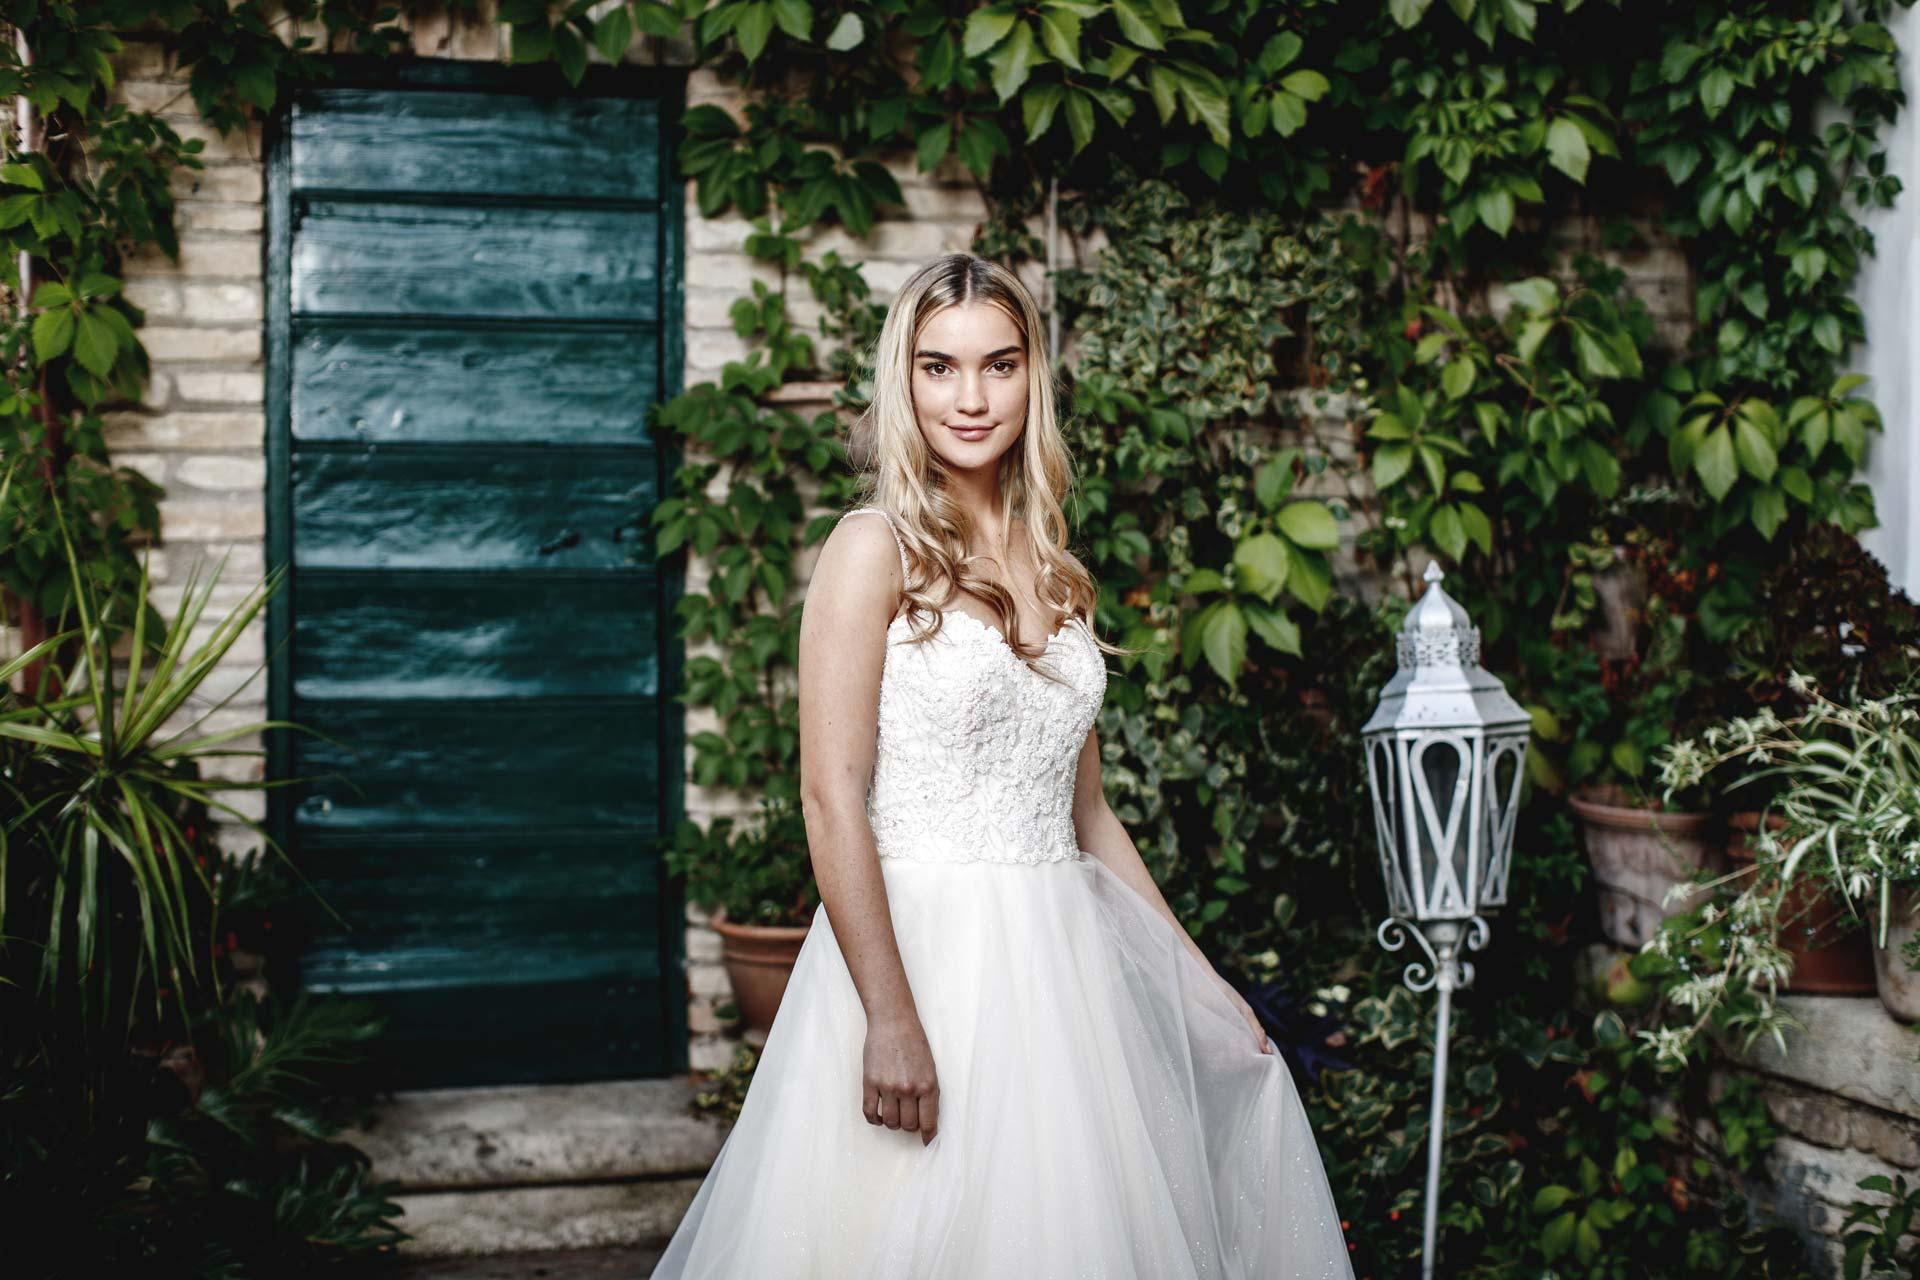 collezione romantica abiti sposa 2020